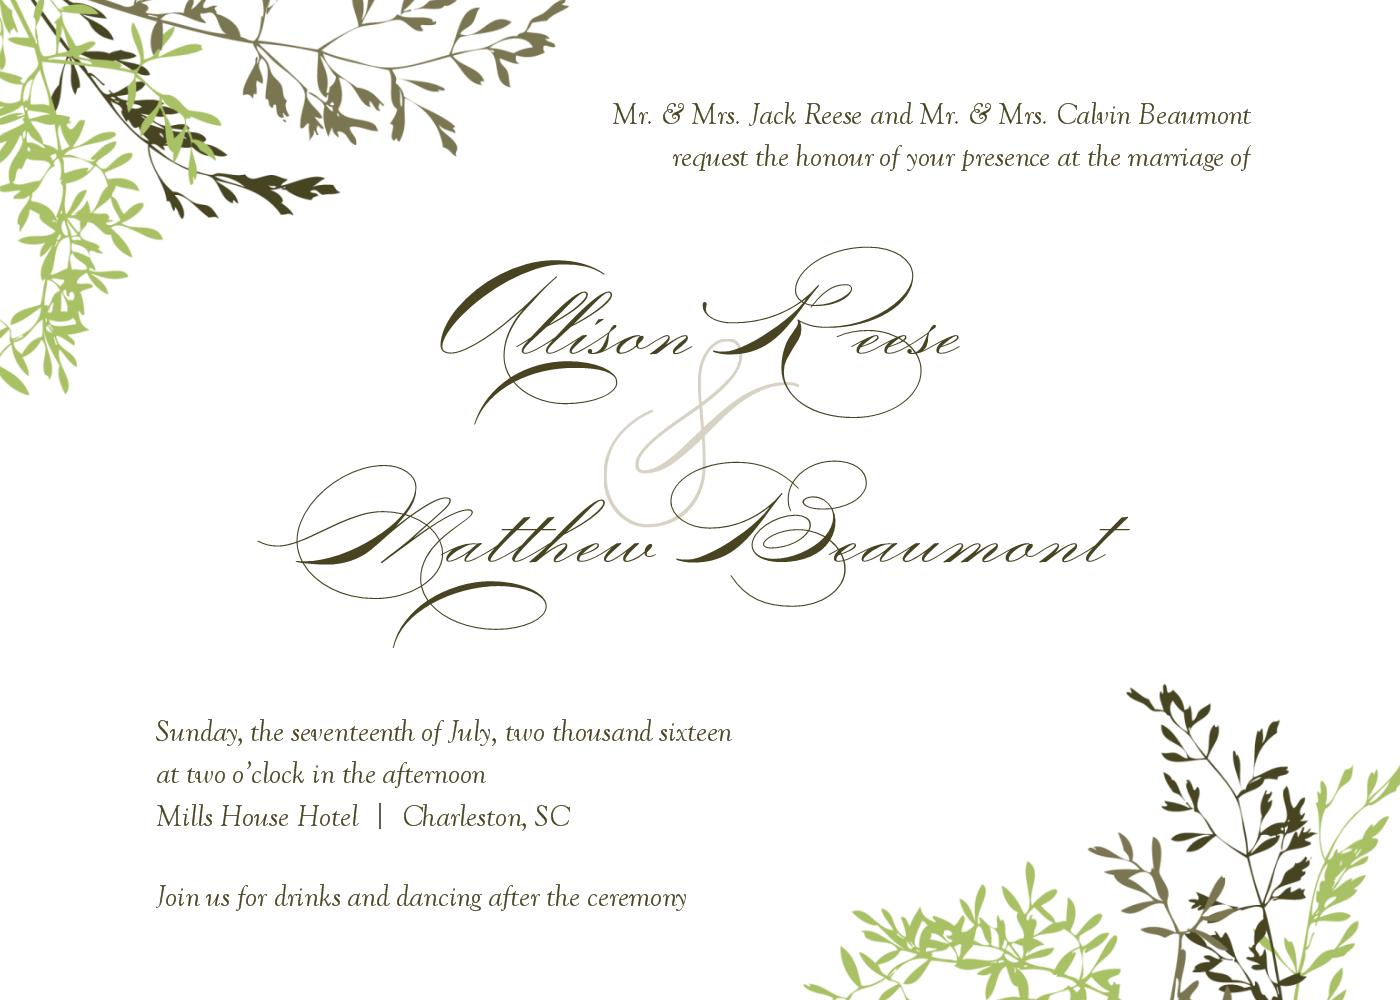 wedding invitation wording middle name - 28 images - wedding ...